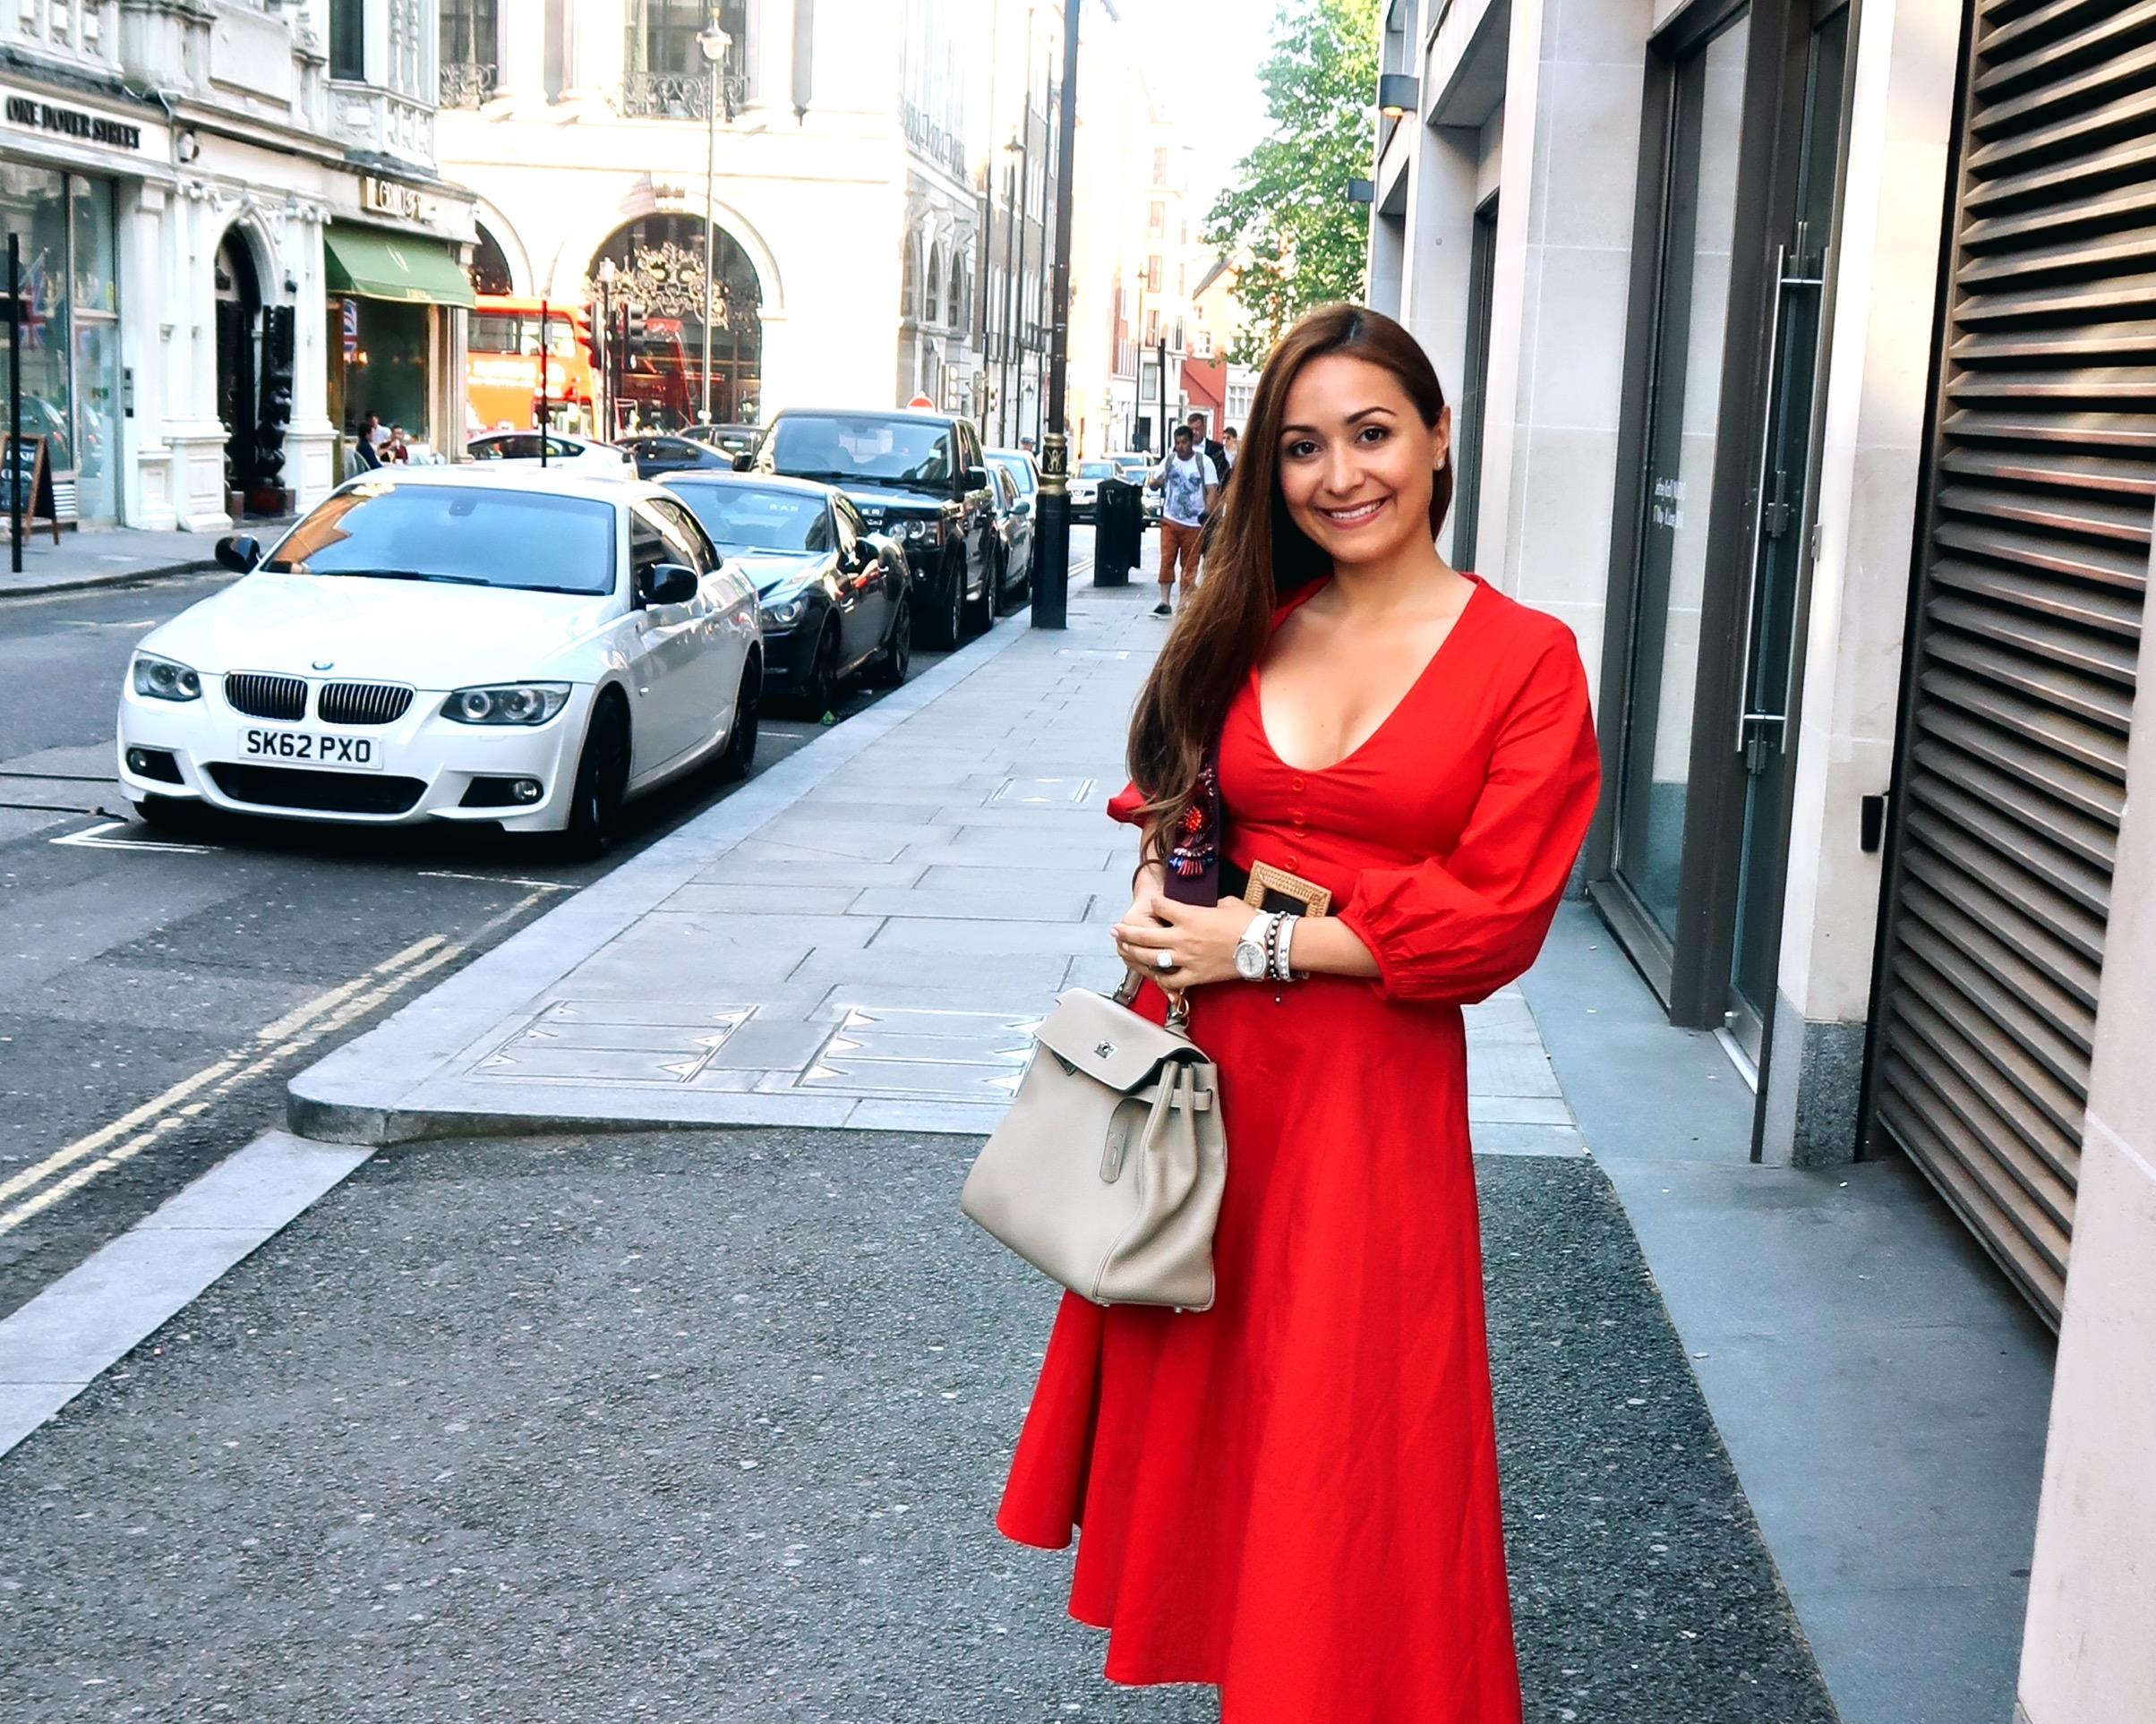 hanushka toni gucci marmont shoe red staud dress etoupe hermes kelly bag